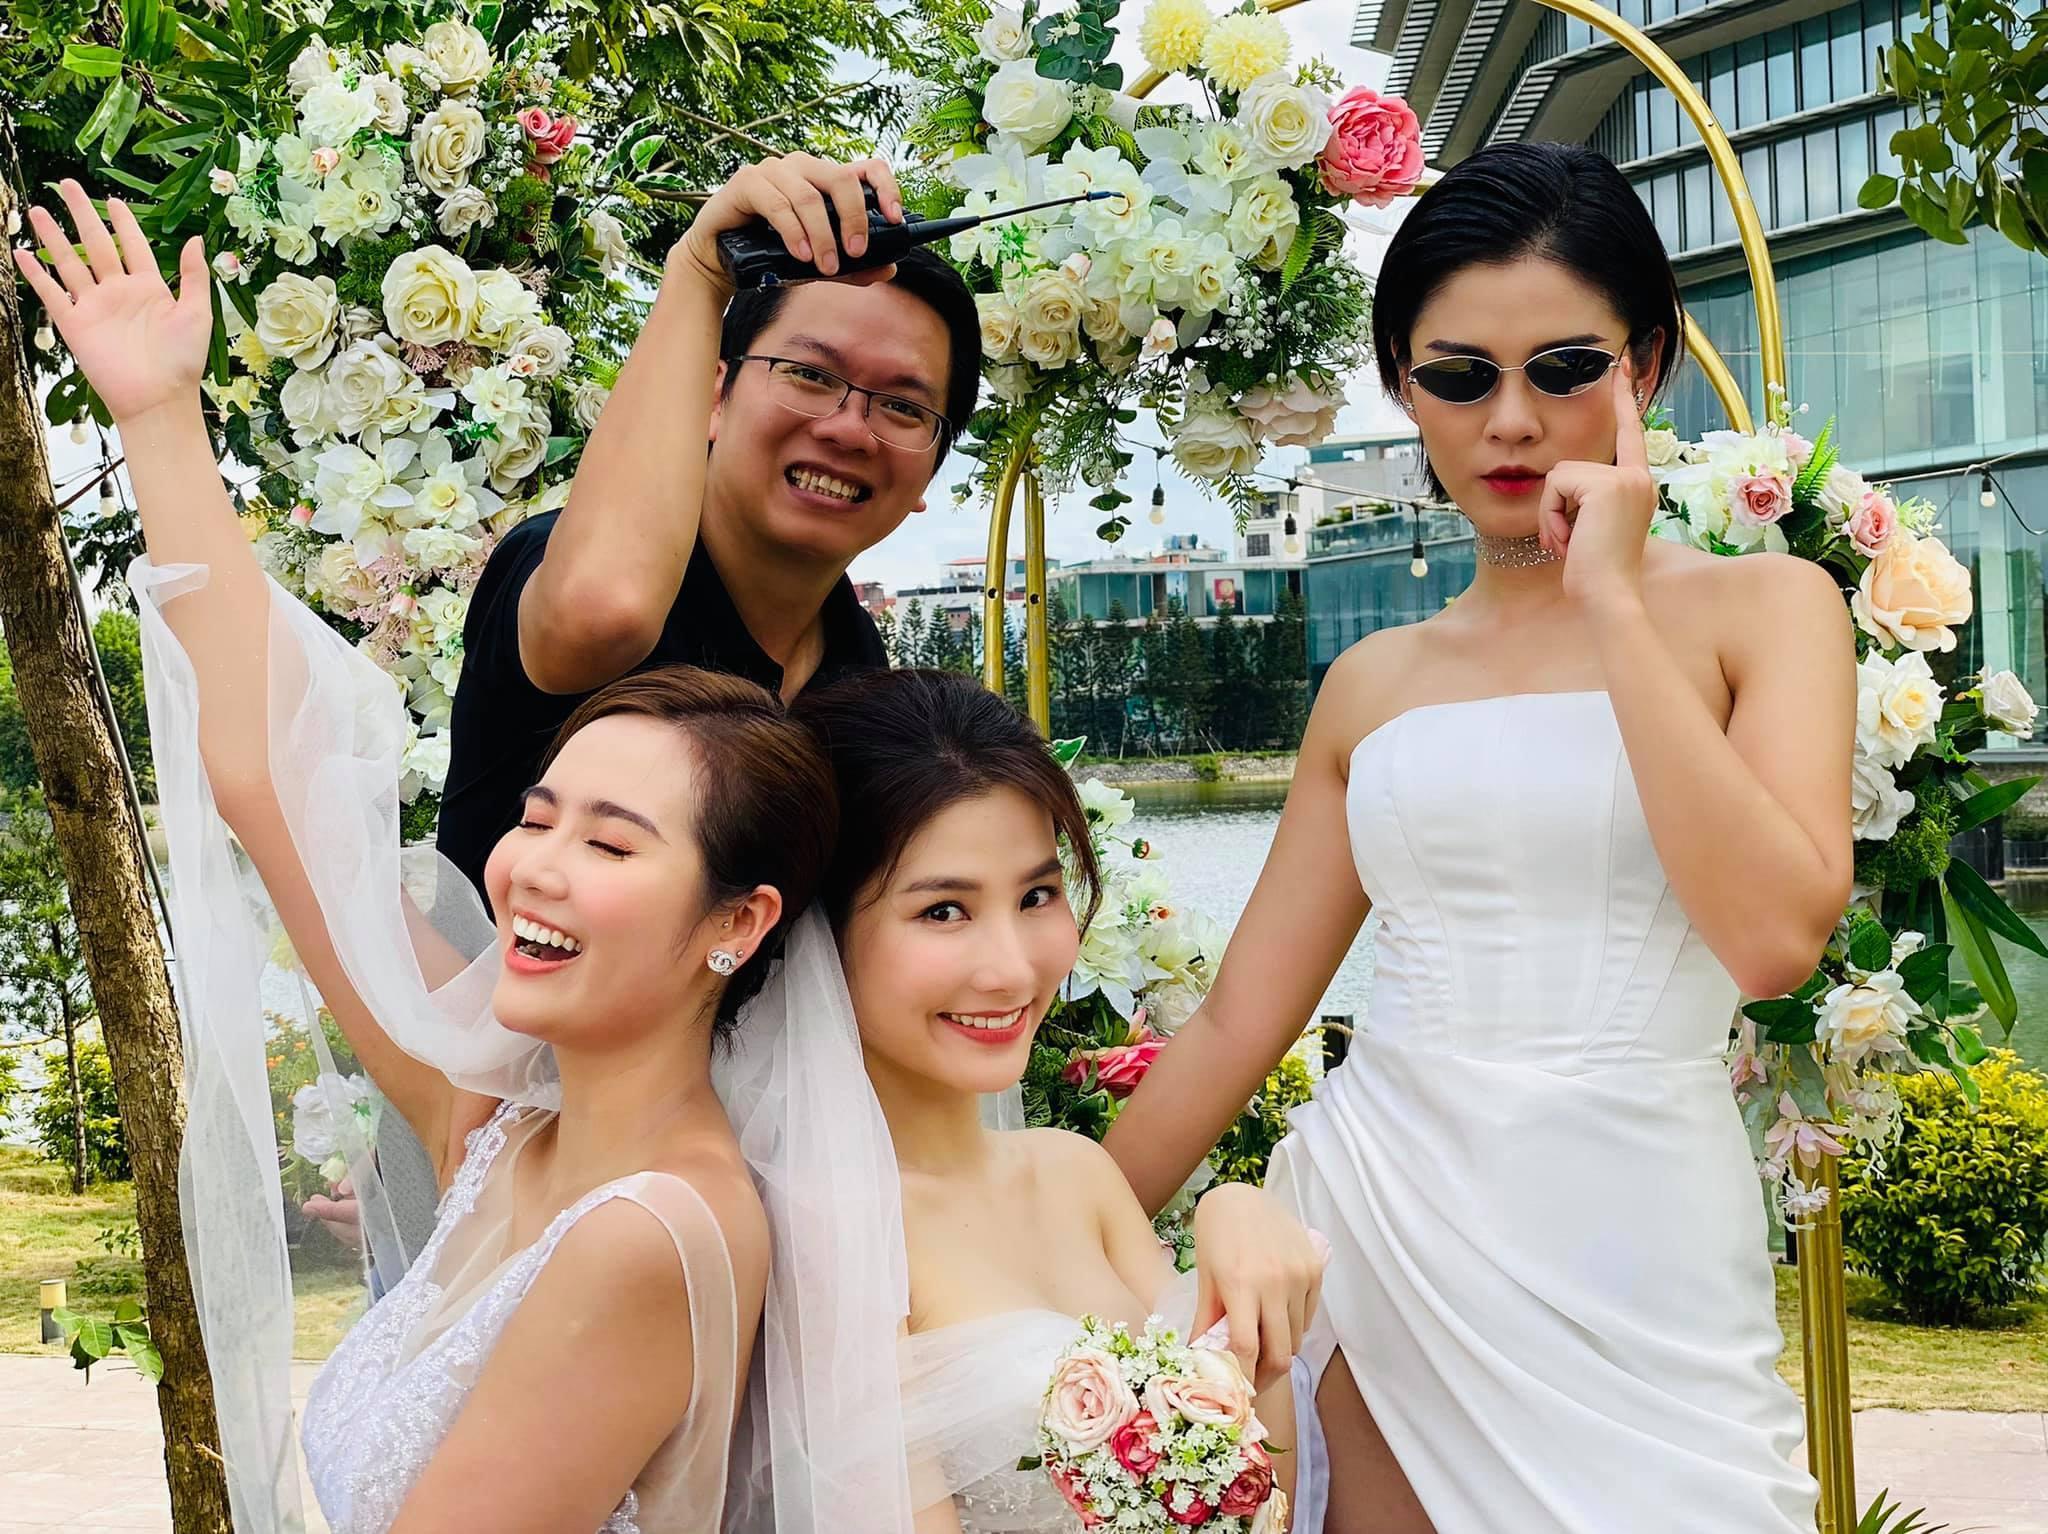 Linh bị Phong trả thù trước khi cưới Minh tập cuối 'Tình yêu và tham vọng'